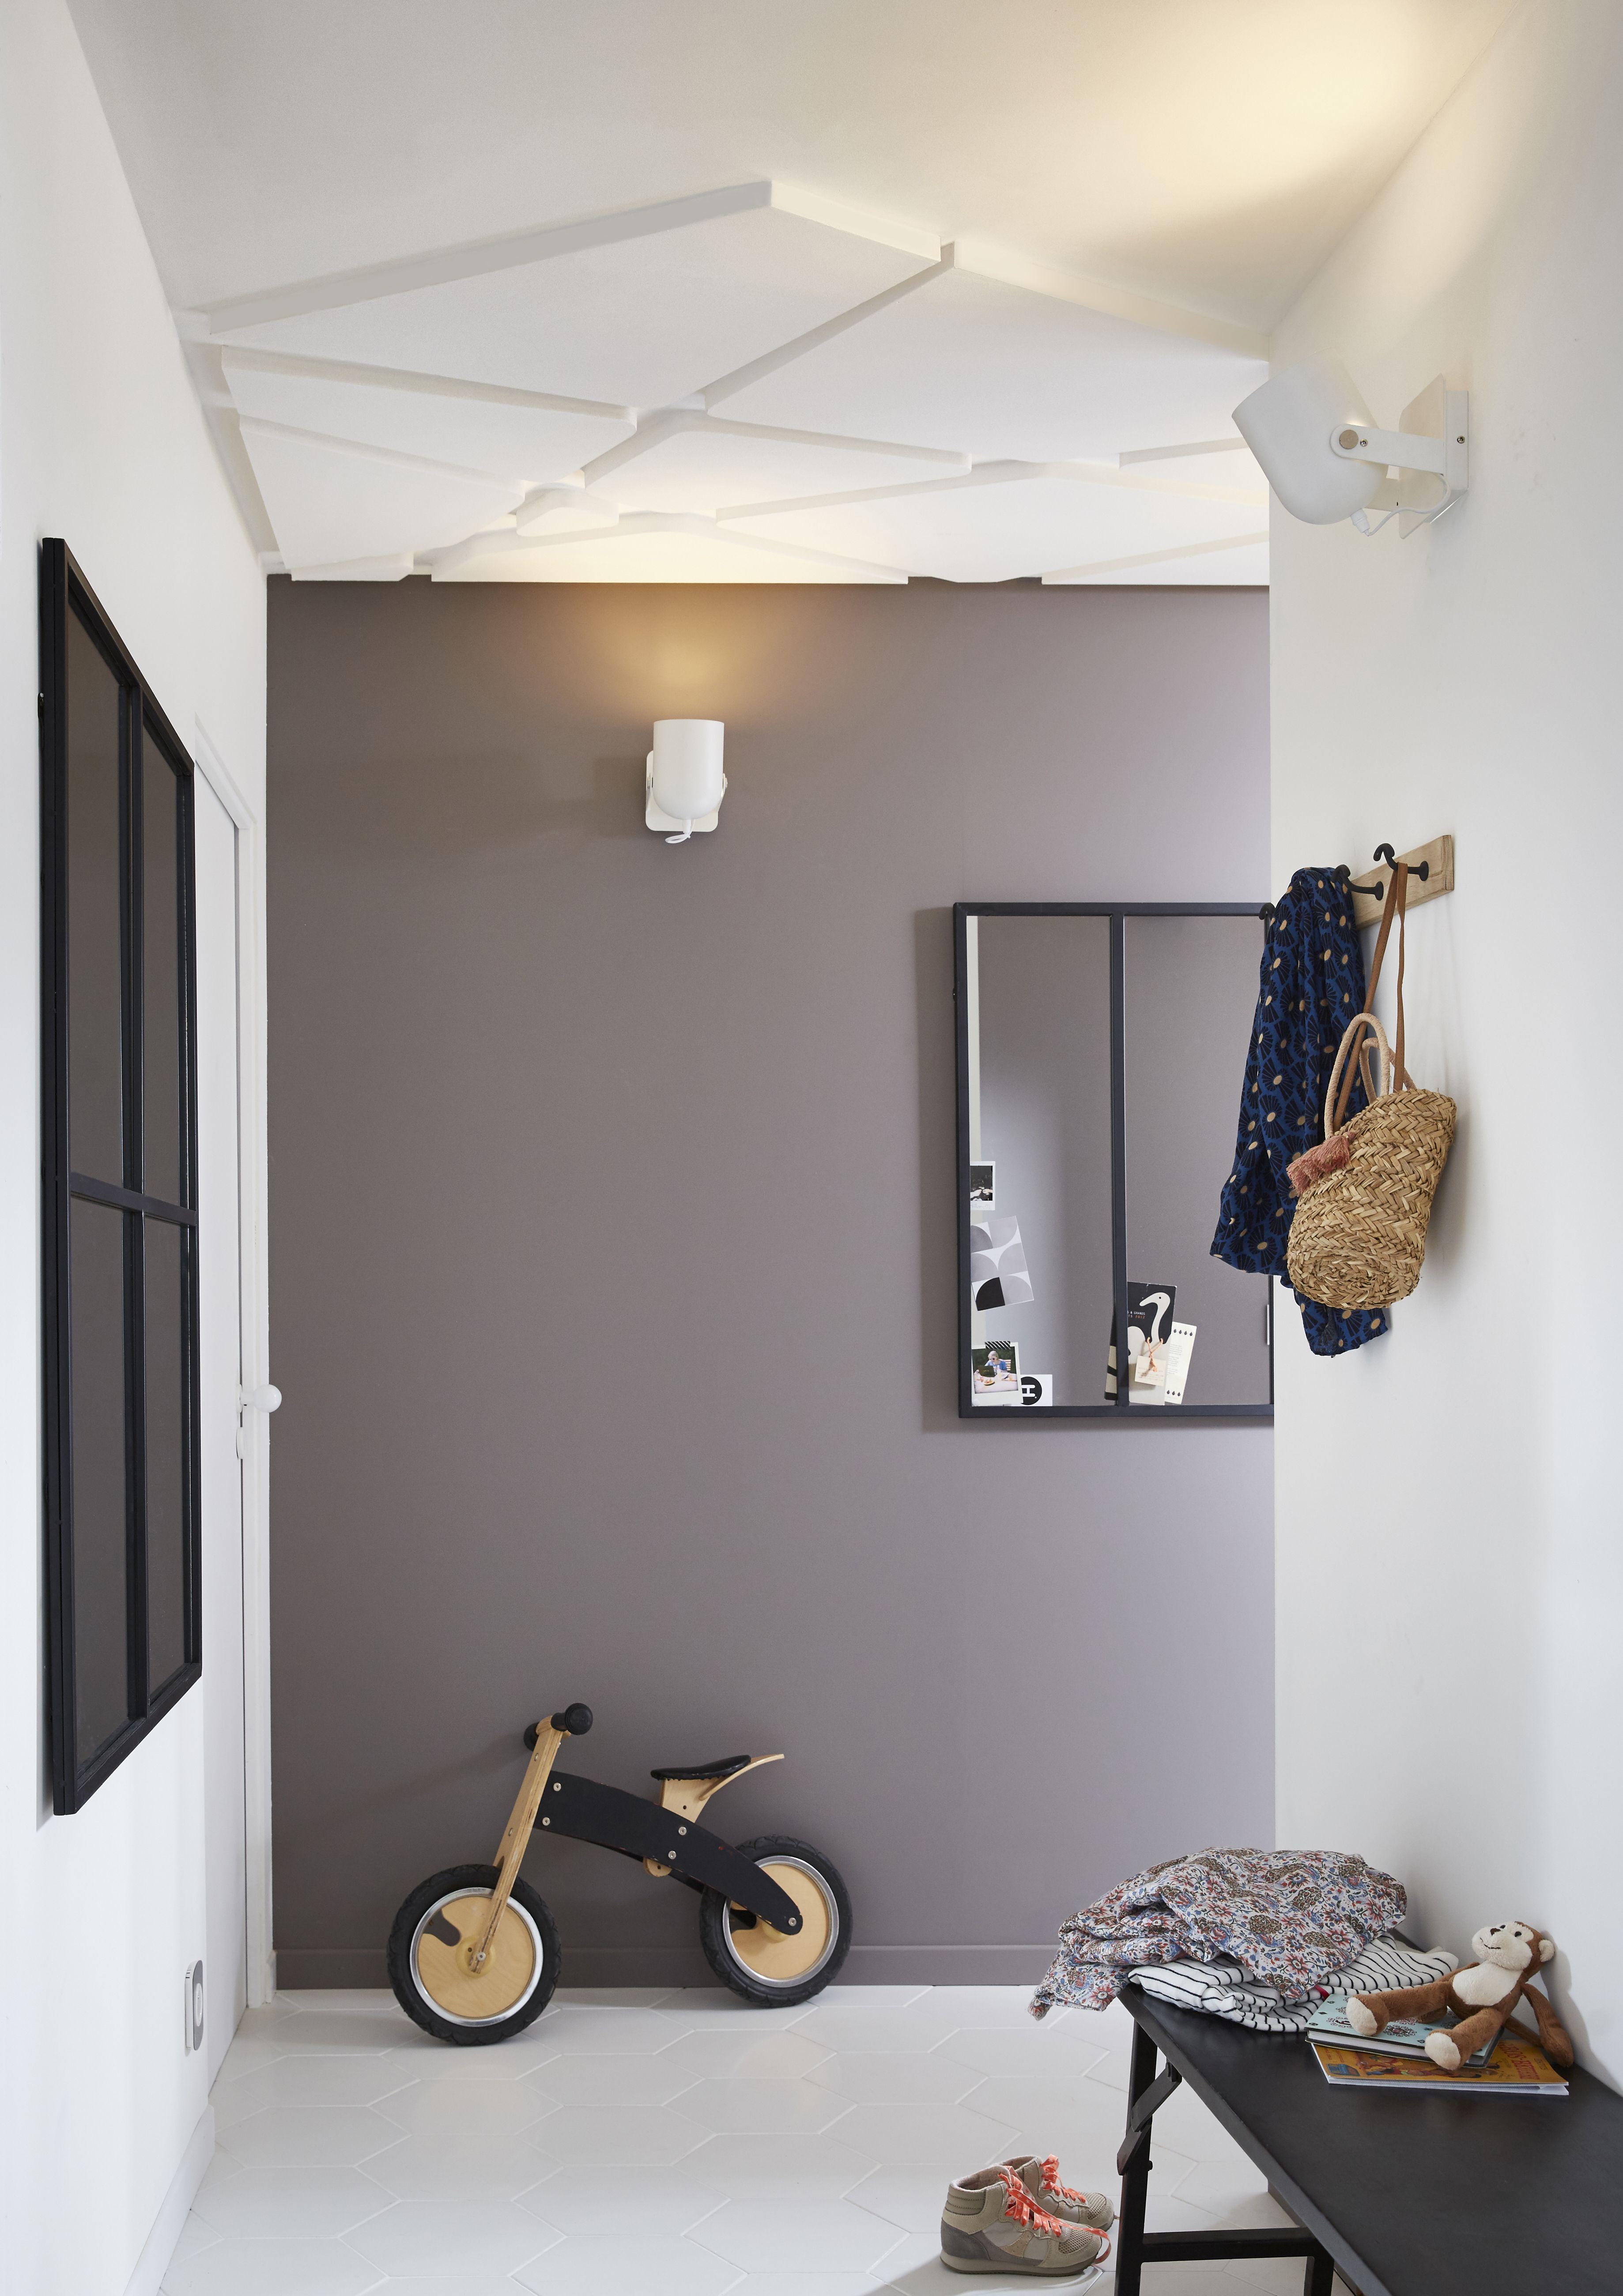 Peu exploité, le plafond peut pourtant devenir le point fort de la ...